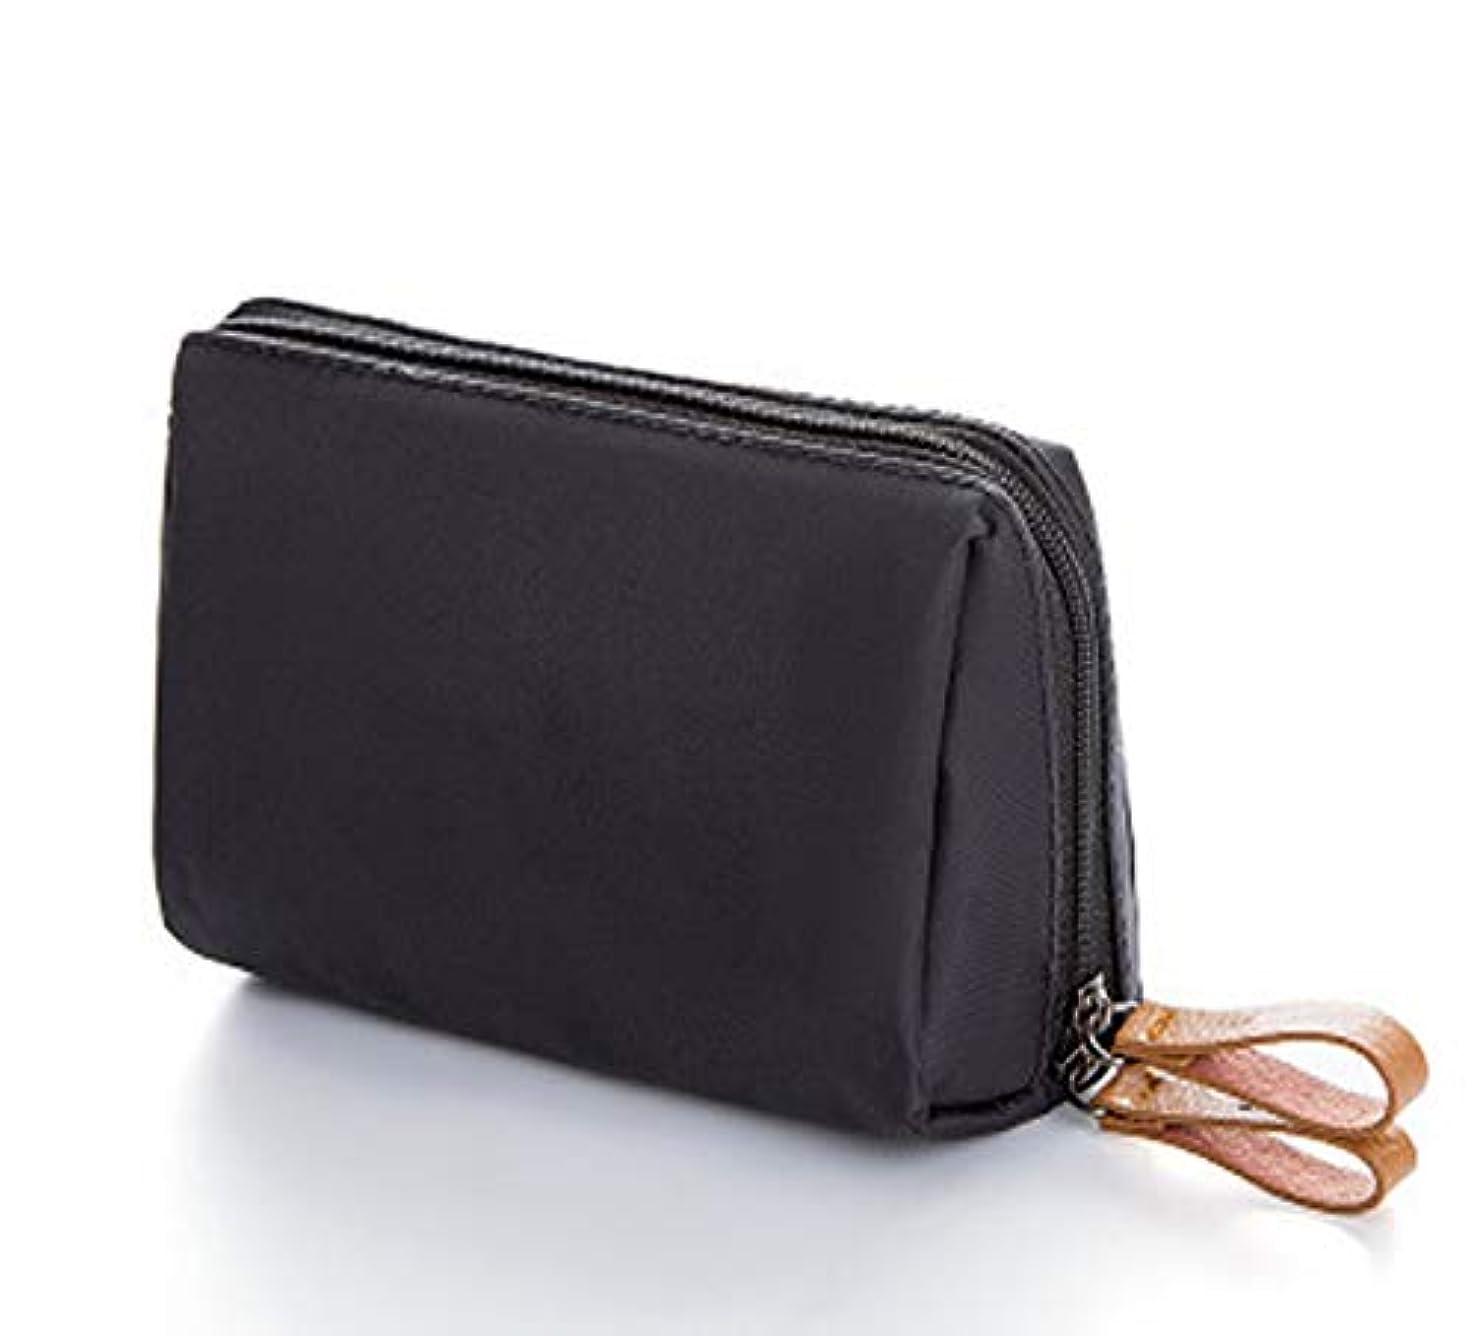 花婿世代ヒットメイクボックス プロ用 化粧バッグ 化粧箱 大容量 普段使い 出張 旅行 トラベルポーチ